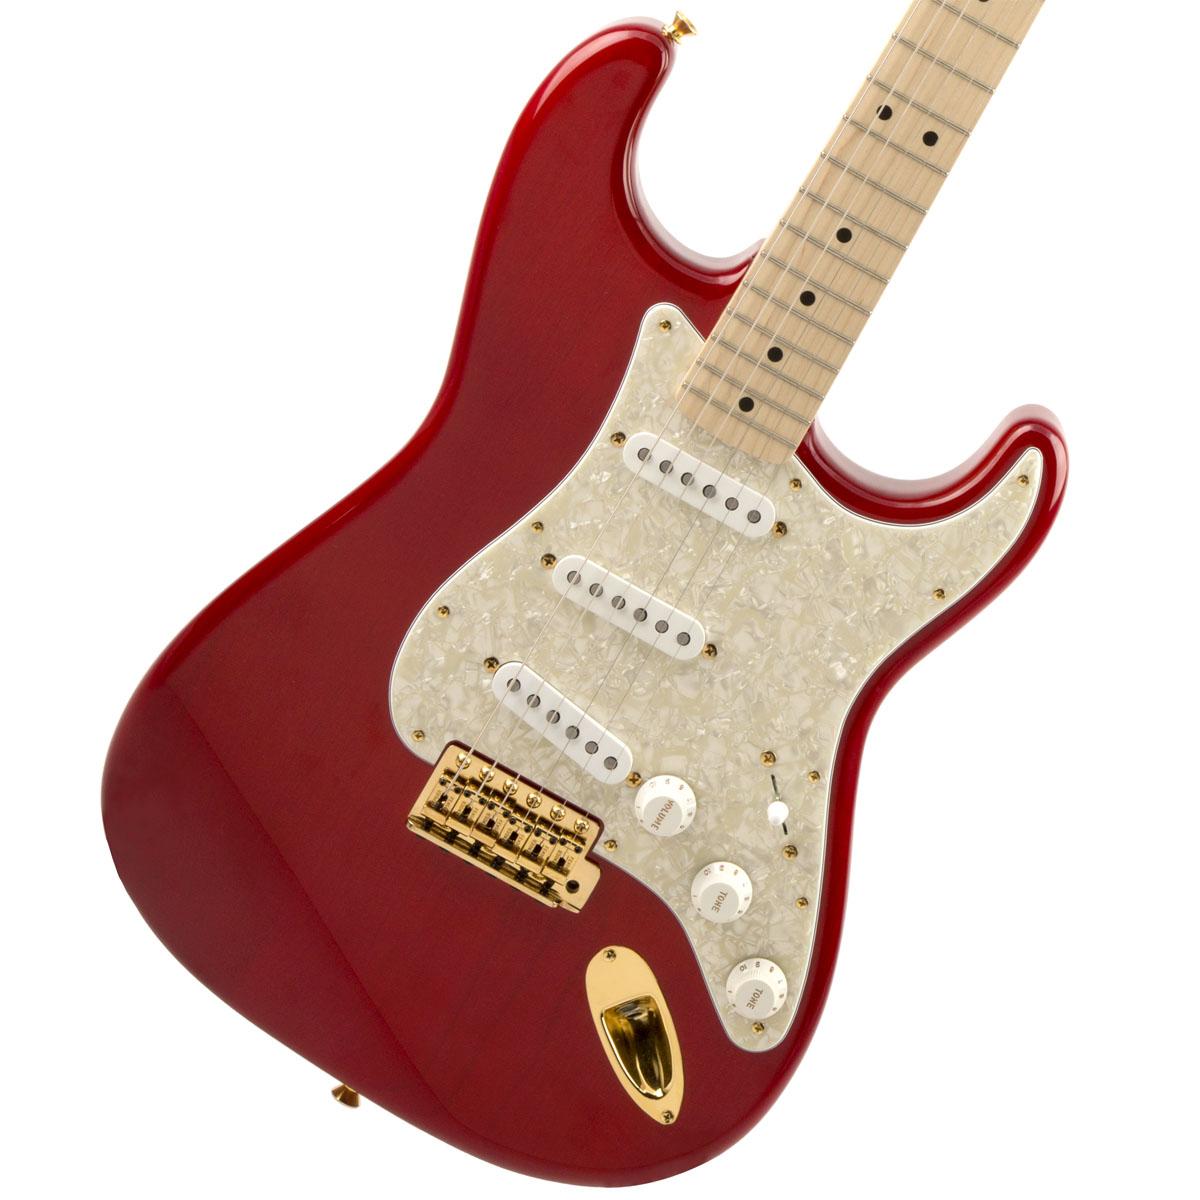 【タイムセール:29日12時まで】Fender / MAMI STRATOCASTER Custom Red フェンダー【新品特価】【YRK】